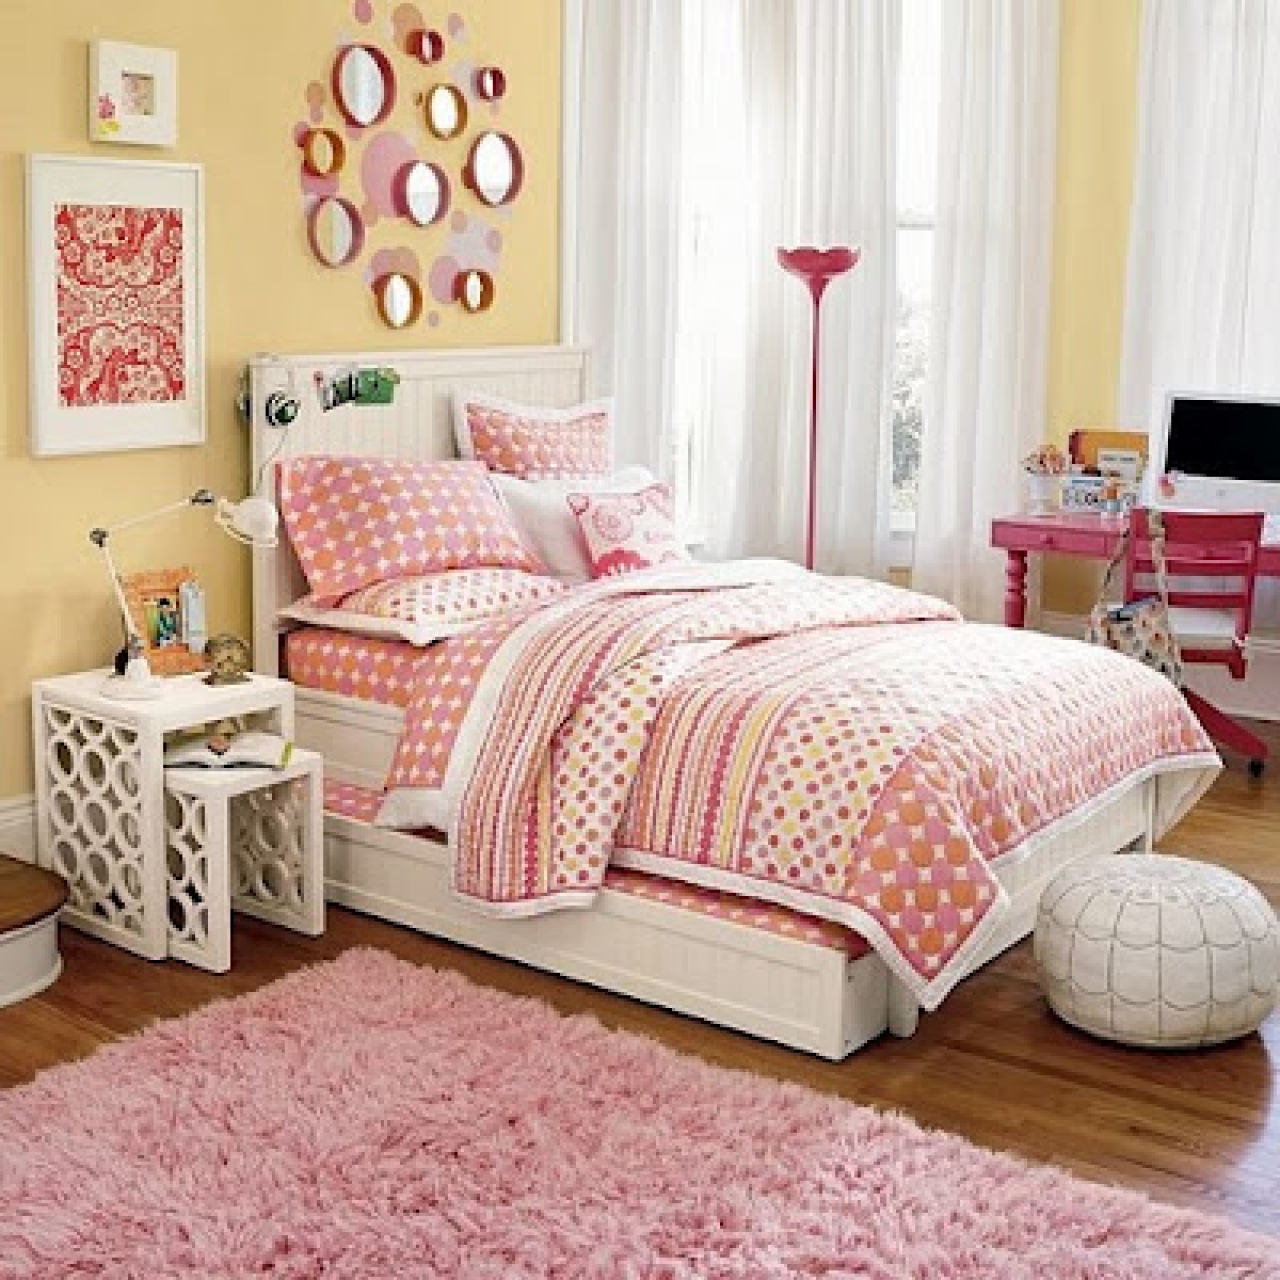 estilo decoracion habitacion niña